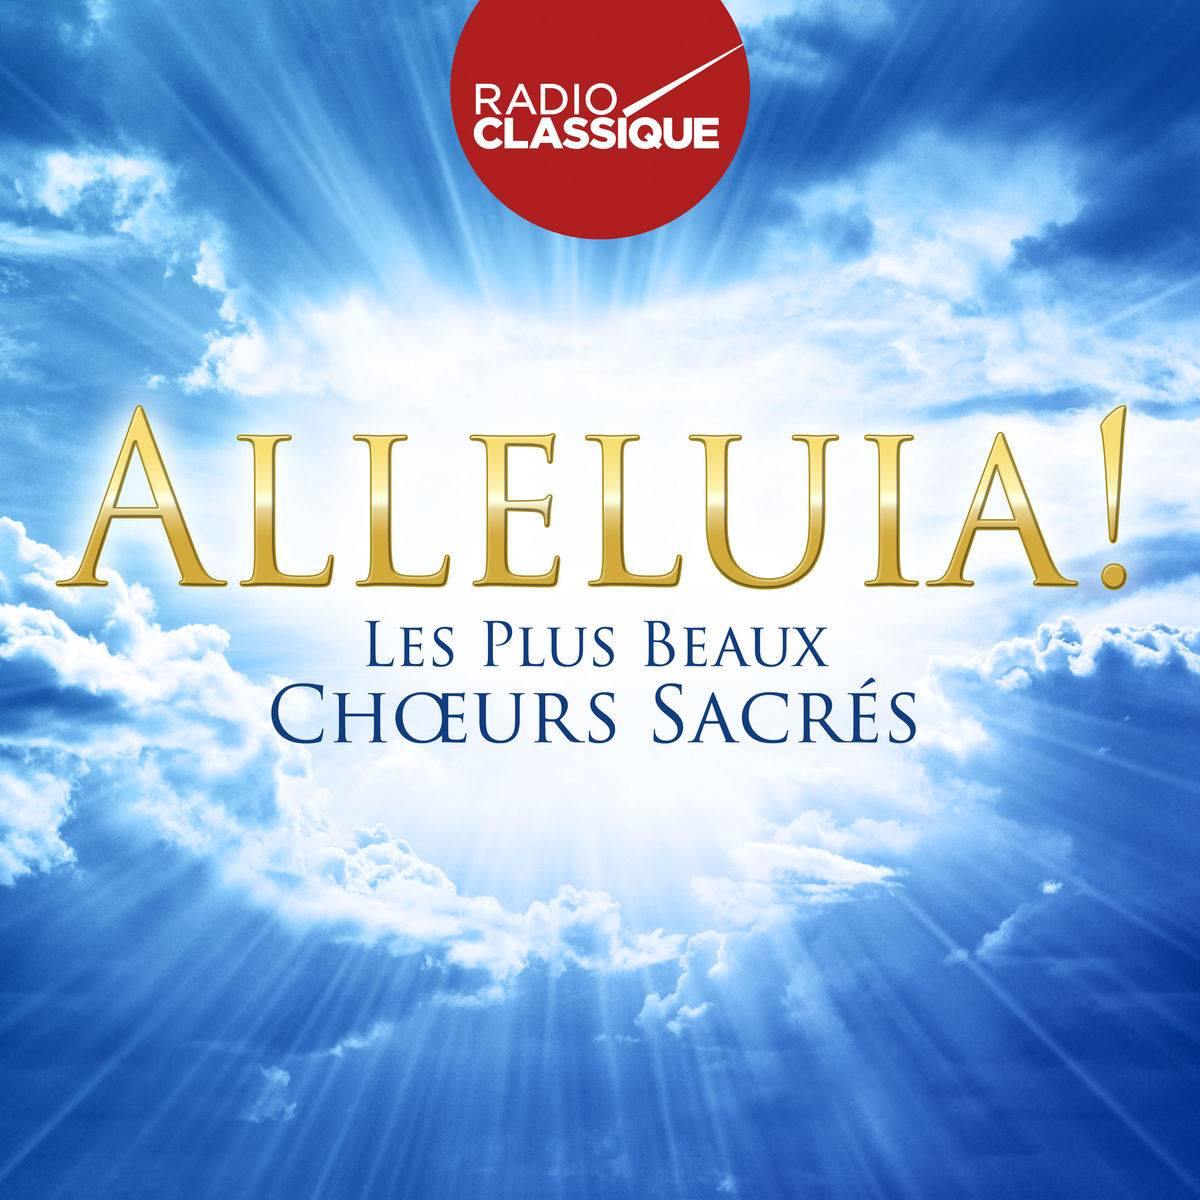 VA - Alléluia! Les plus beaux choeurs sacrés - Radio Classique (2017)